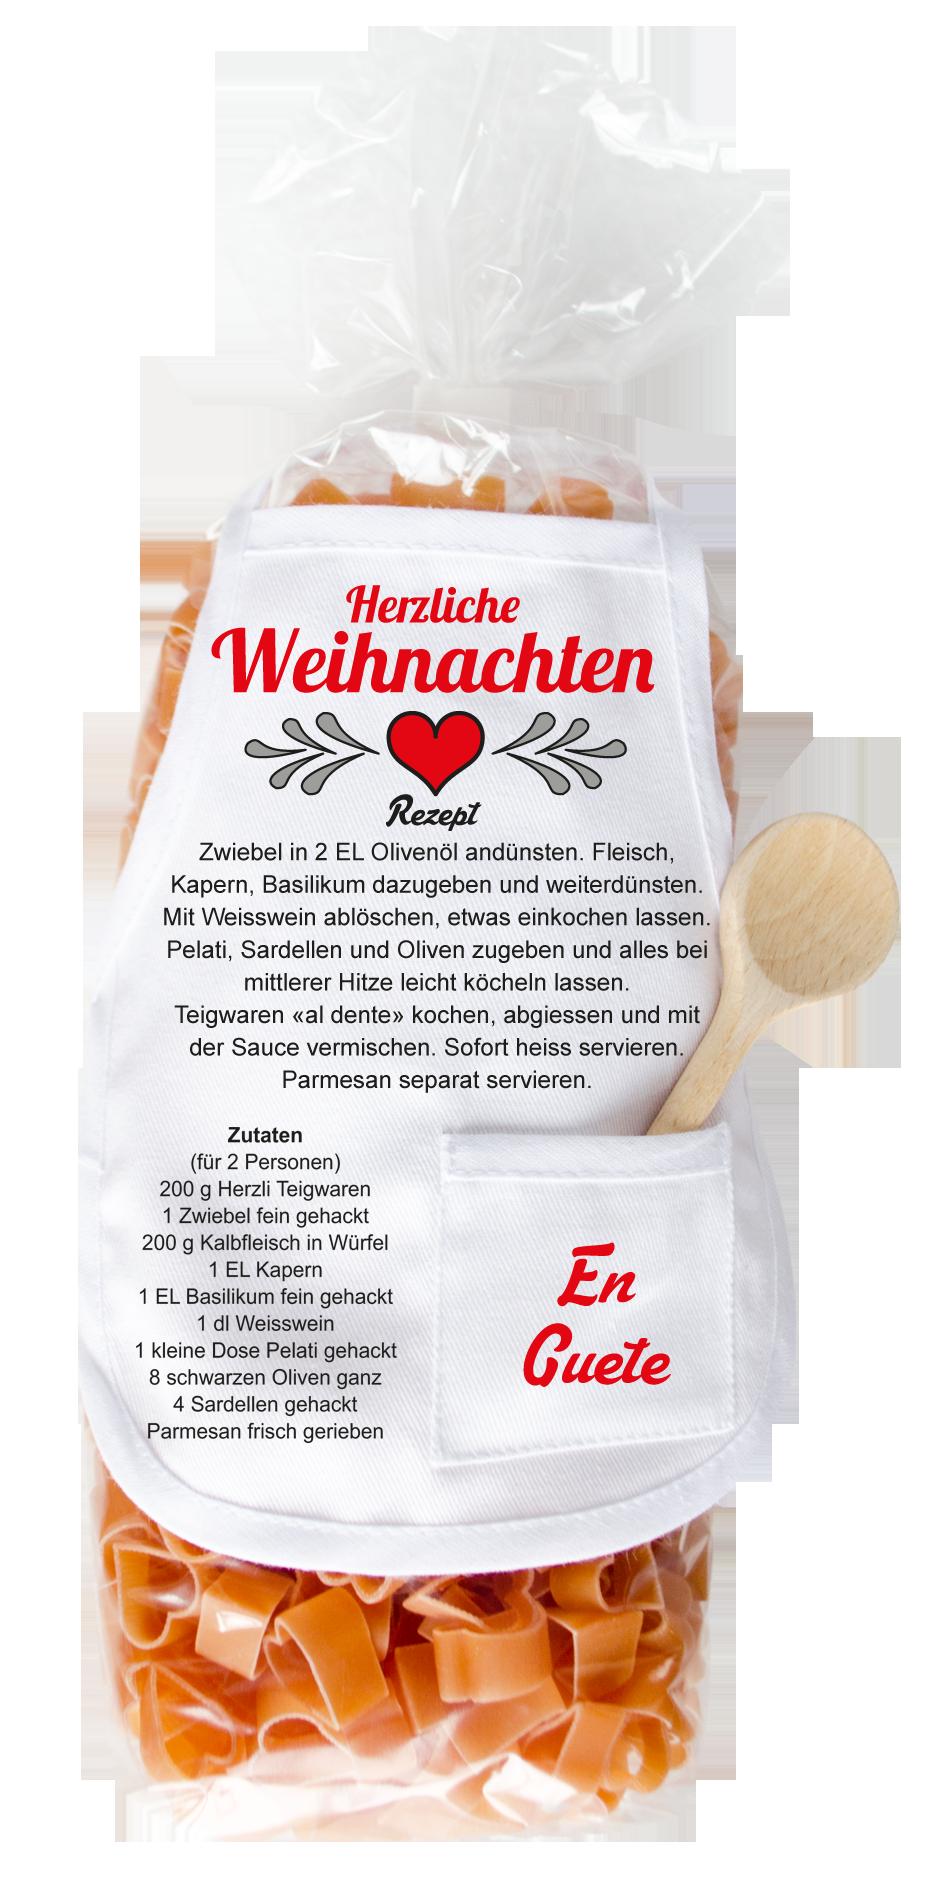 Herzliche Weihnachten Pasta - carina-geschenke.ch